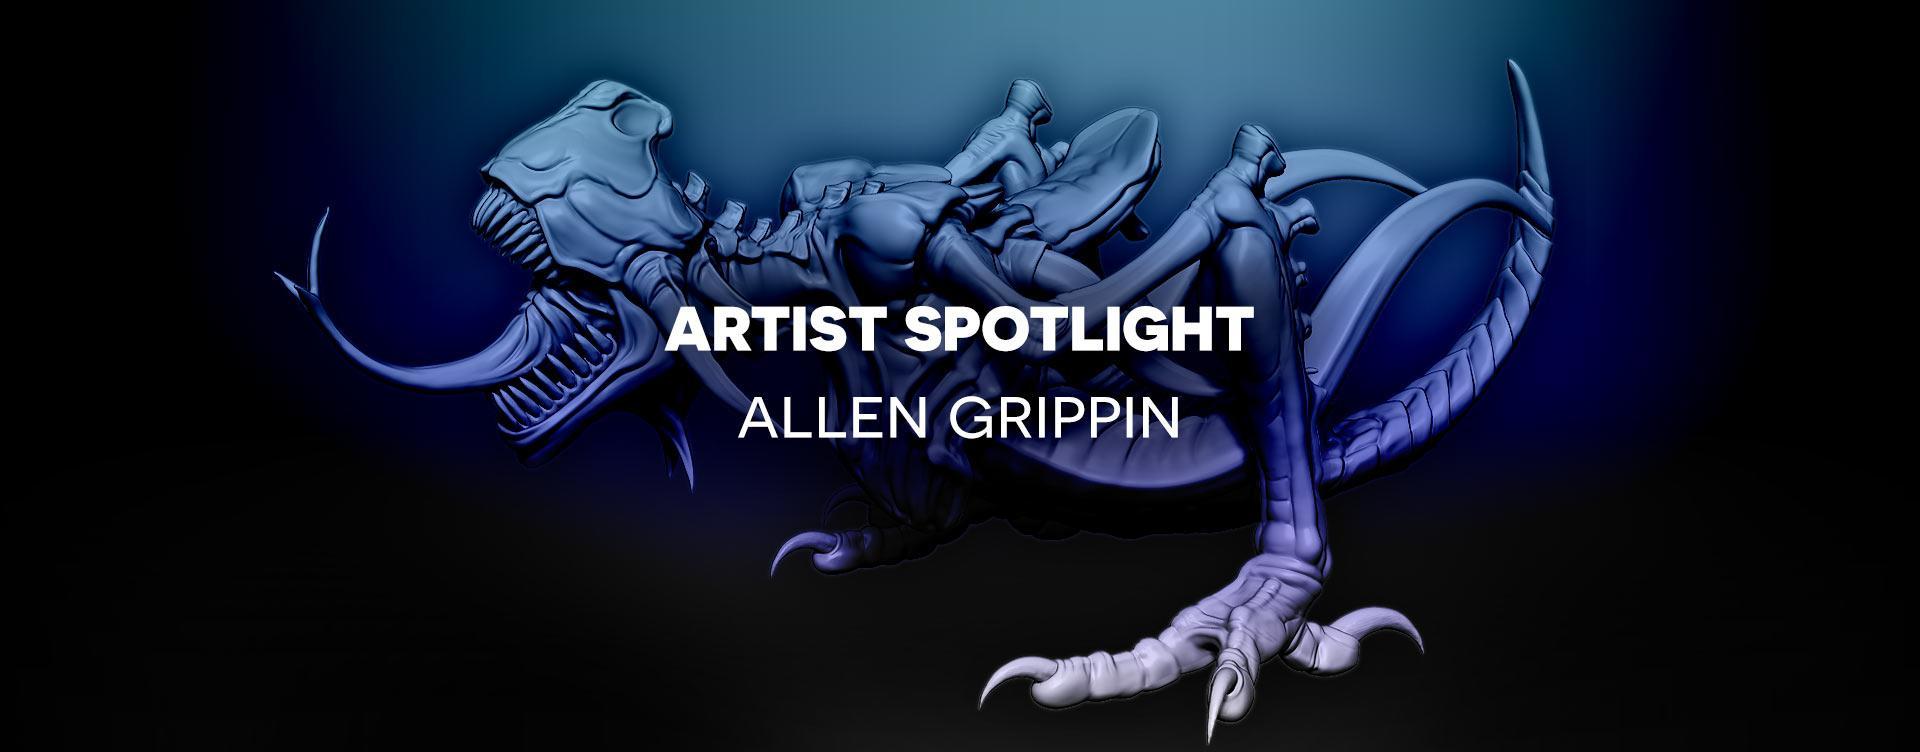 Allen Grippin Header